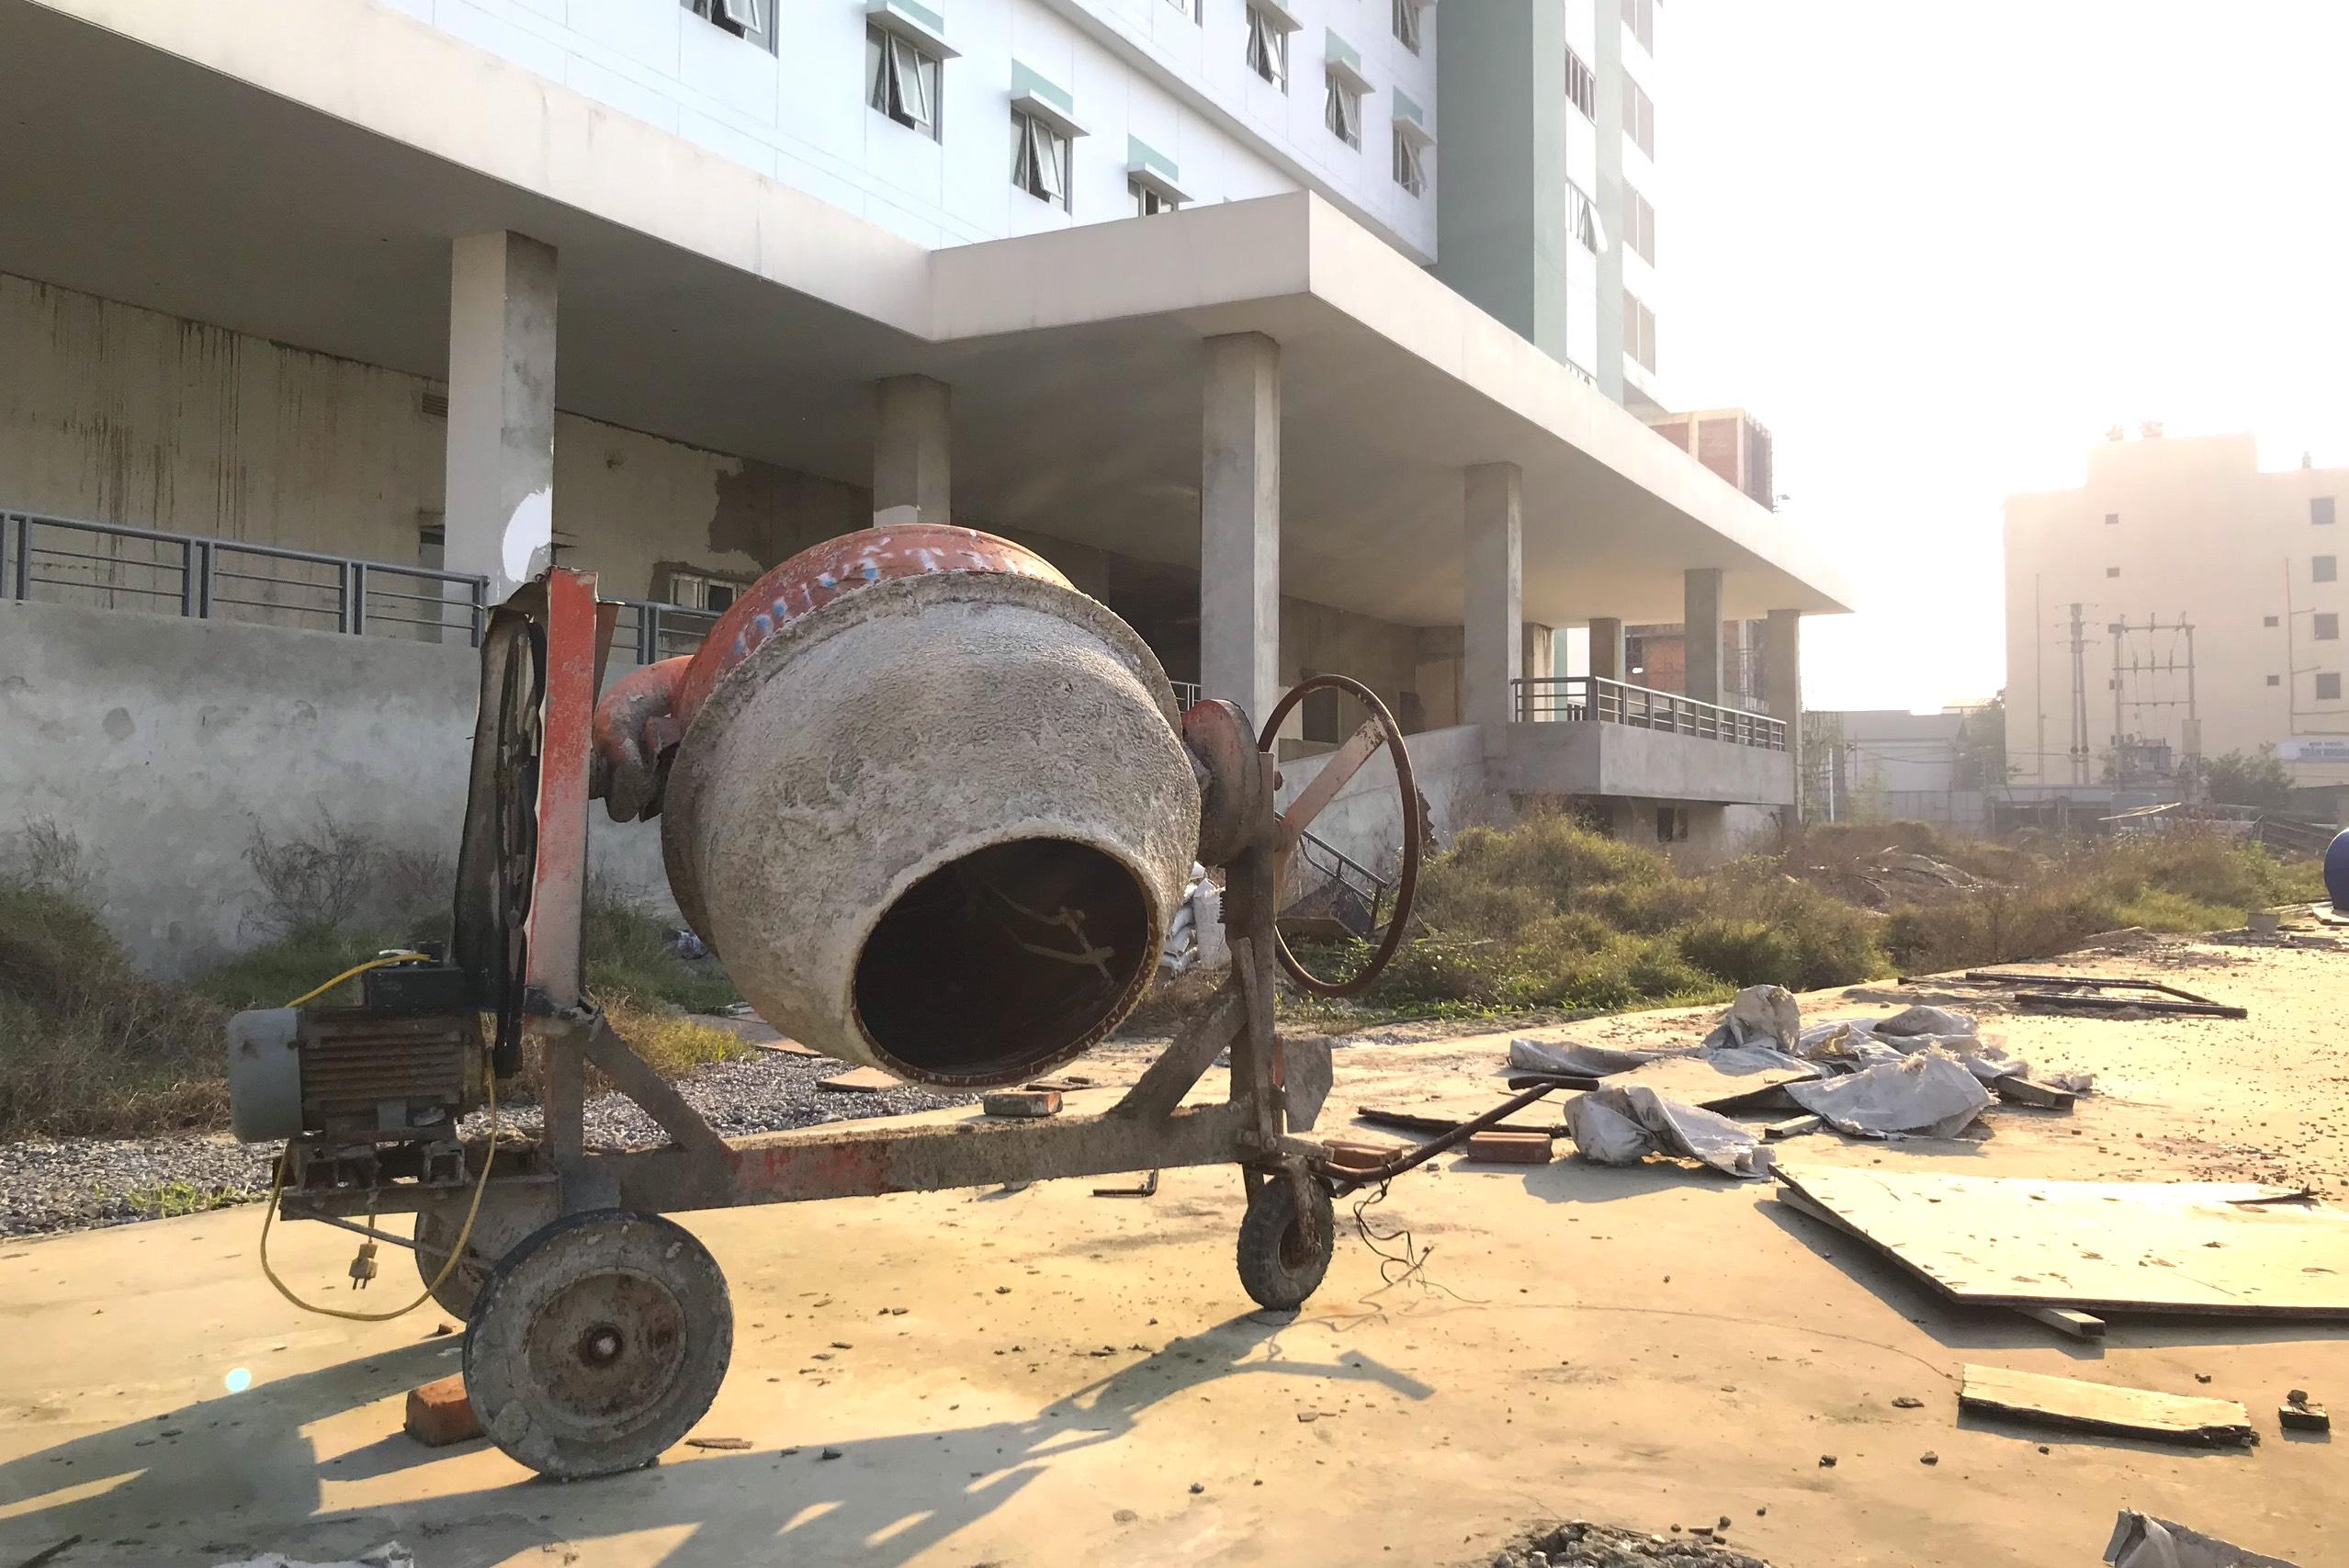 Cảnh nhếch nhác, cỏ mọc um tùm trong dự án bệnh viện nghìn tỷ lớn nhất Bắc Trung Bộ - Ảnh 14.